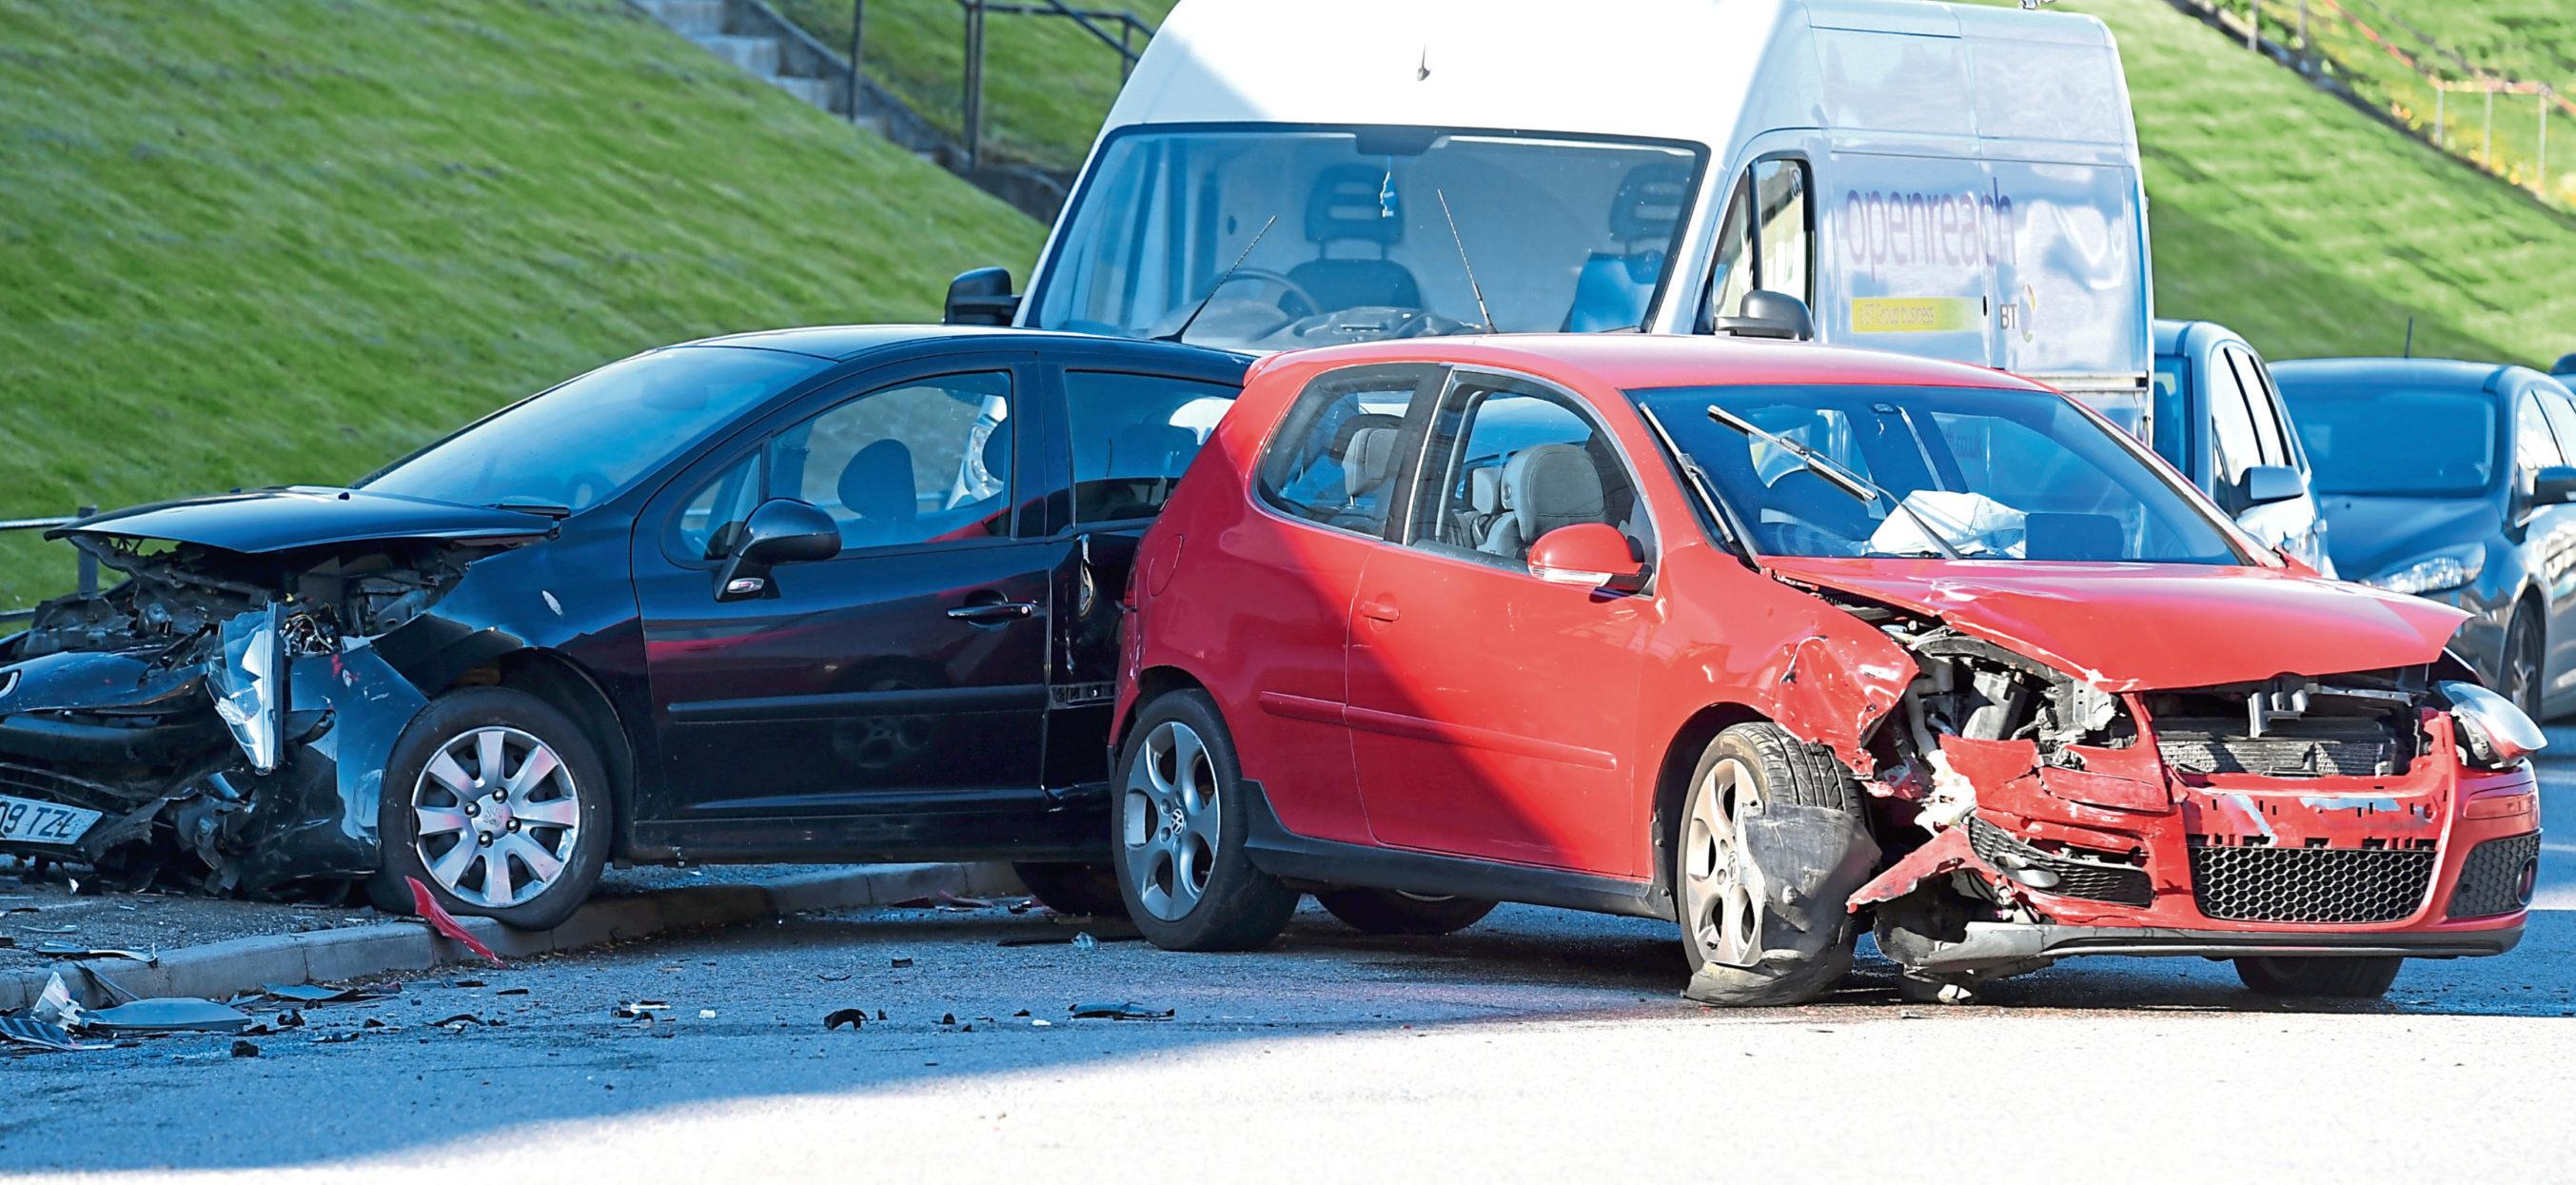 The scene of the crash on Glenbervie Road, Torry